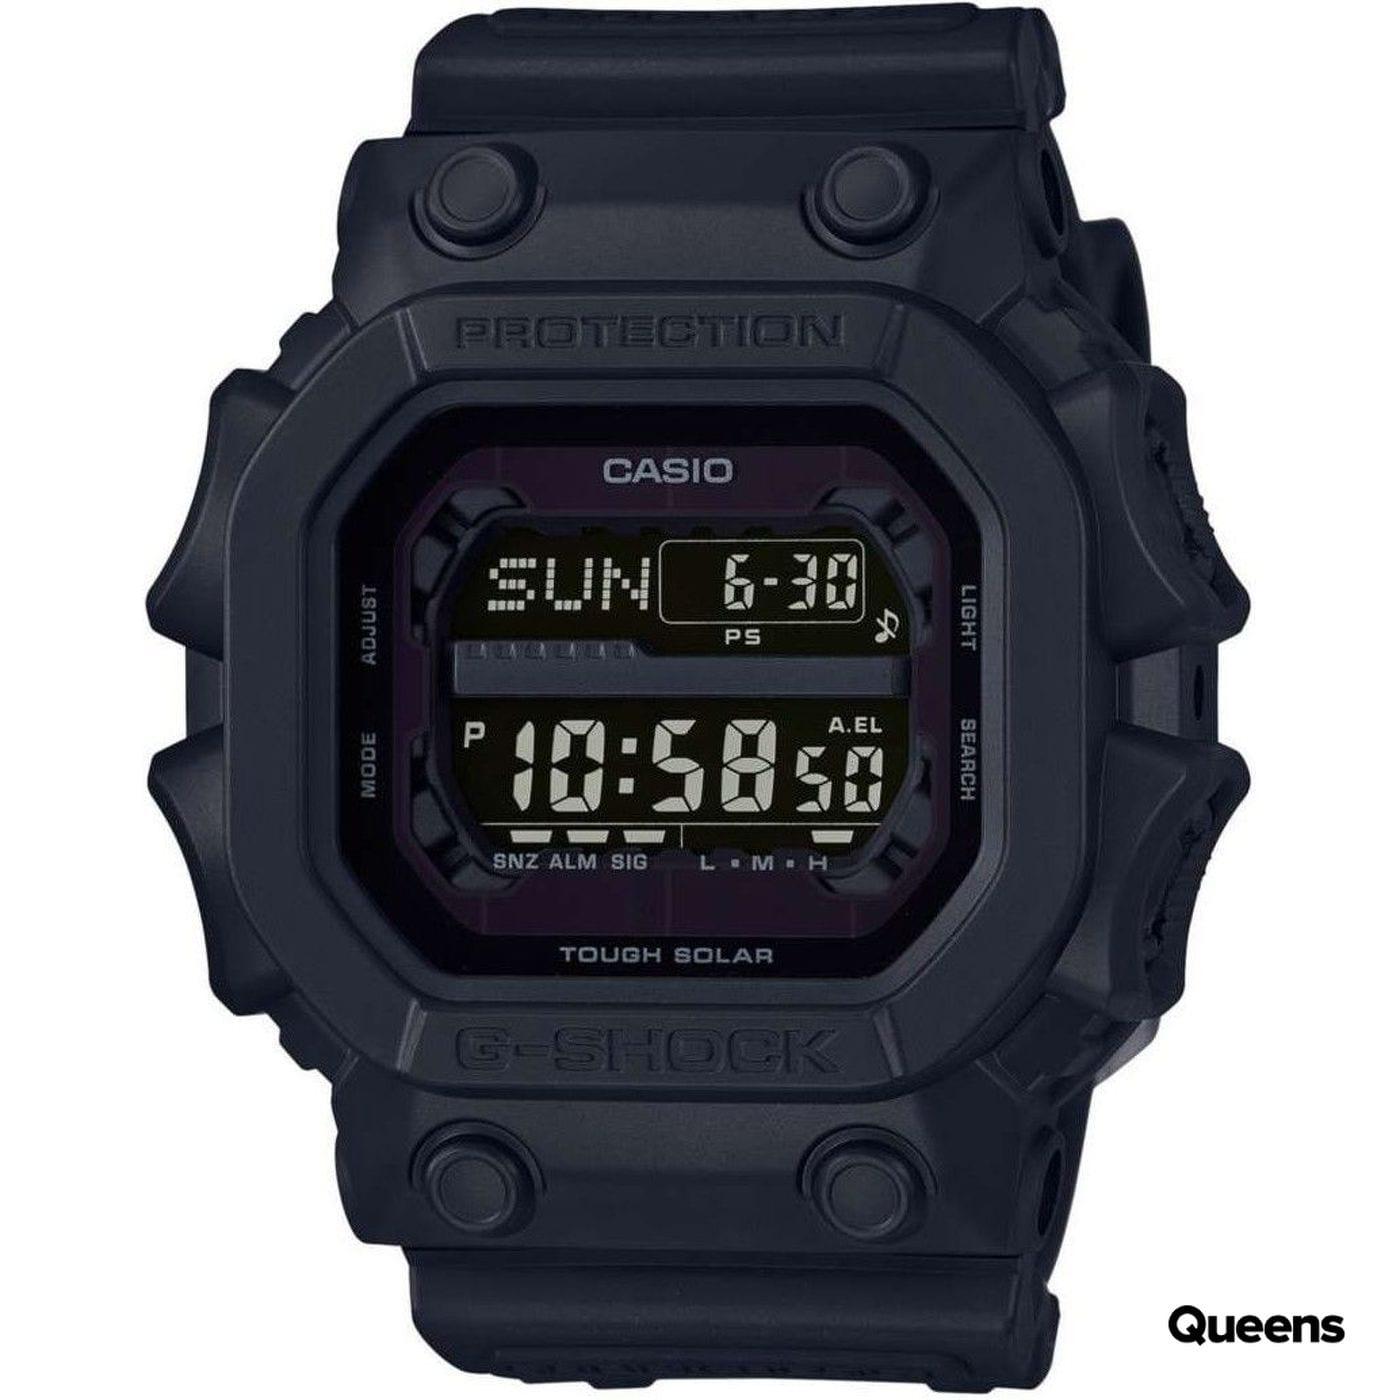 Casio G-Shock GX 56BB-1AER black